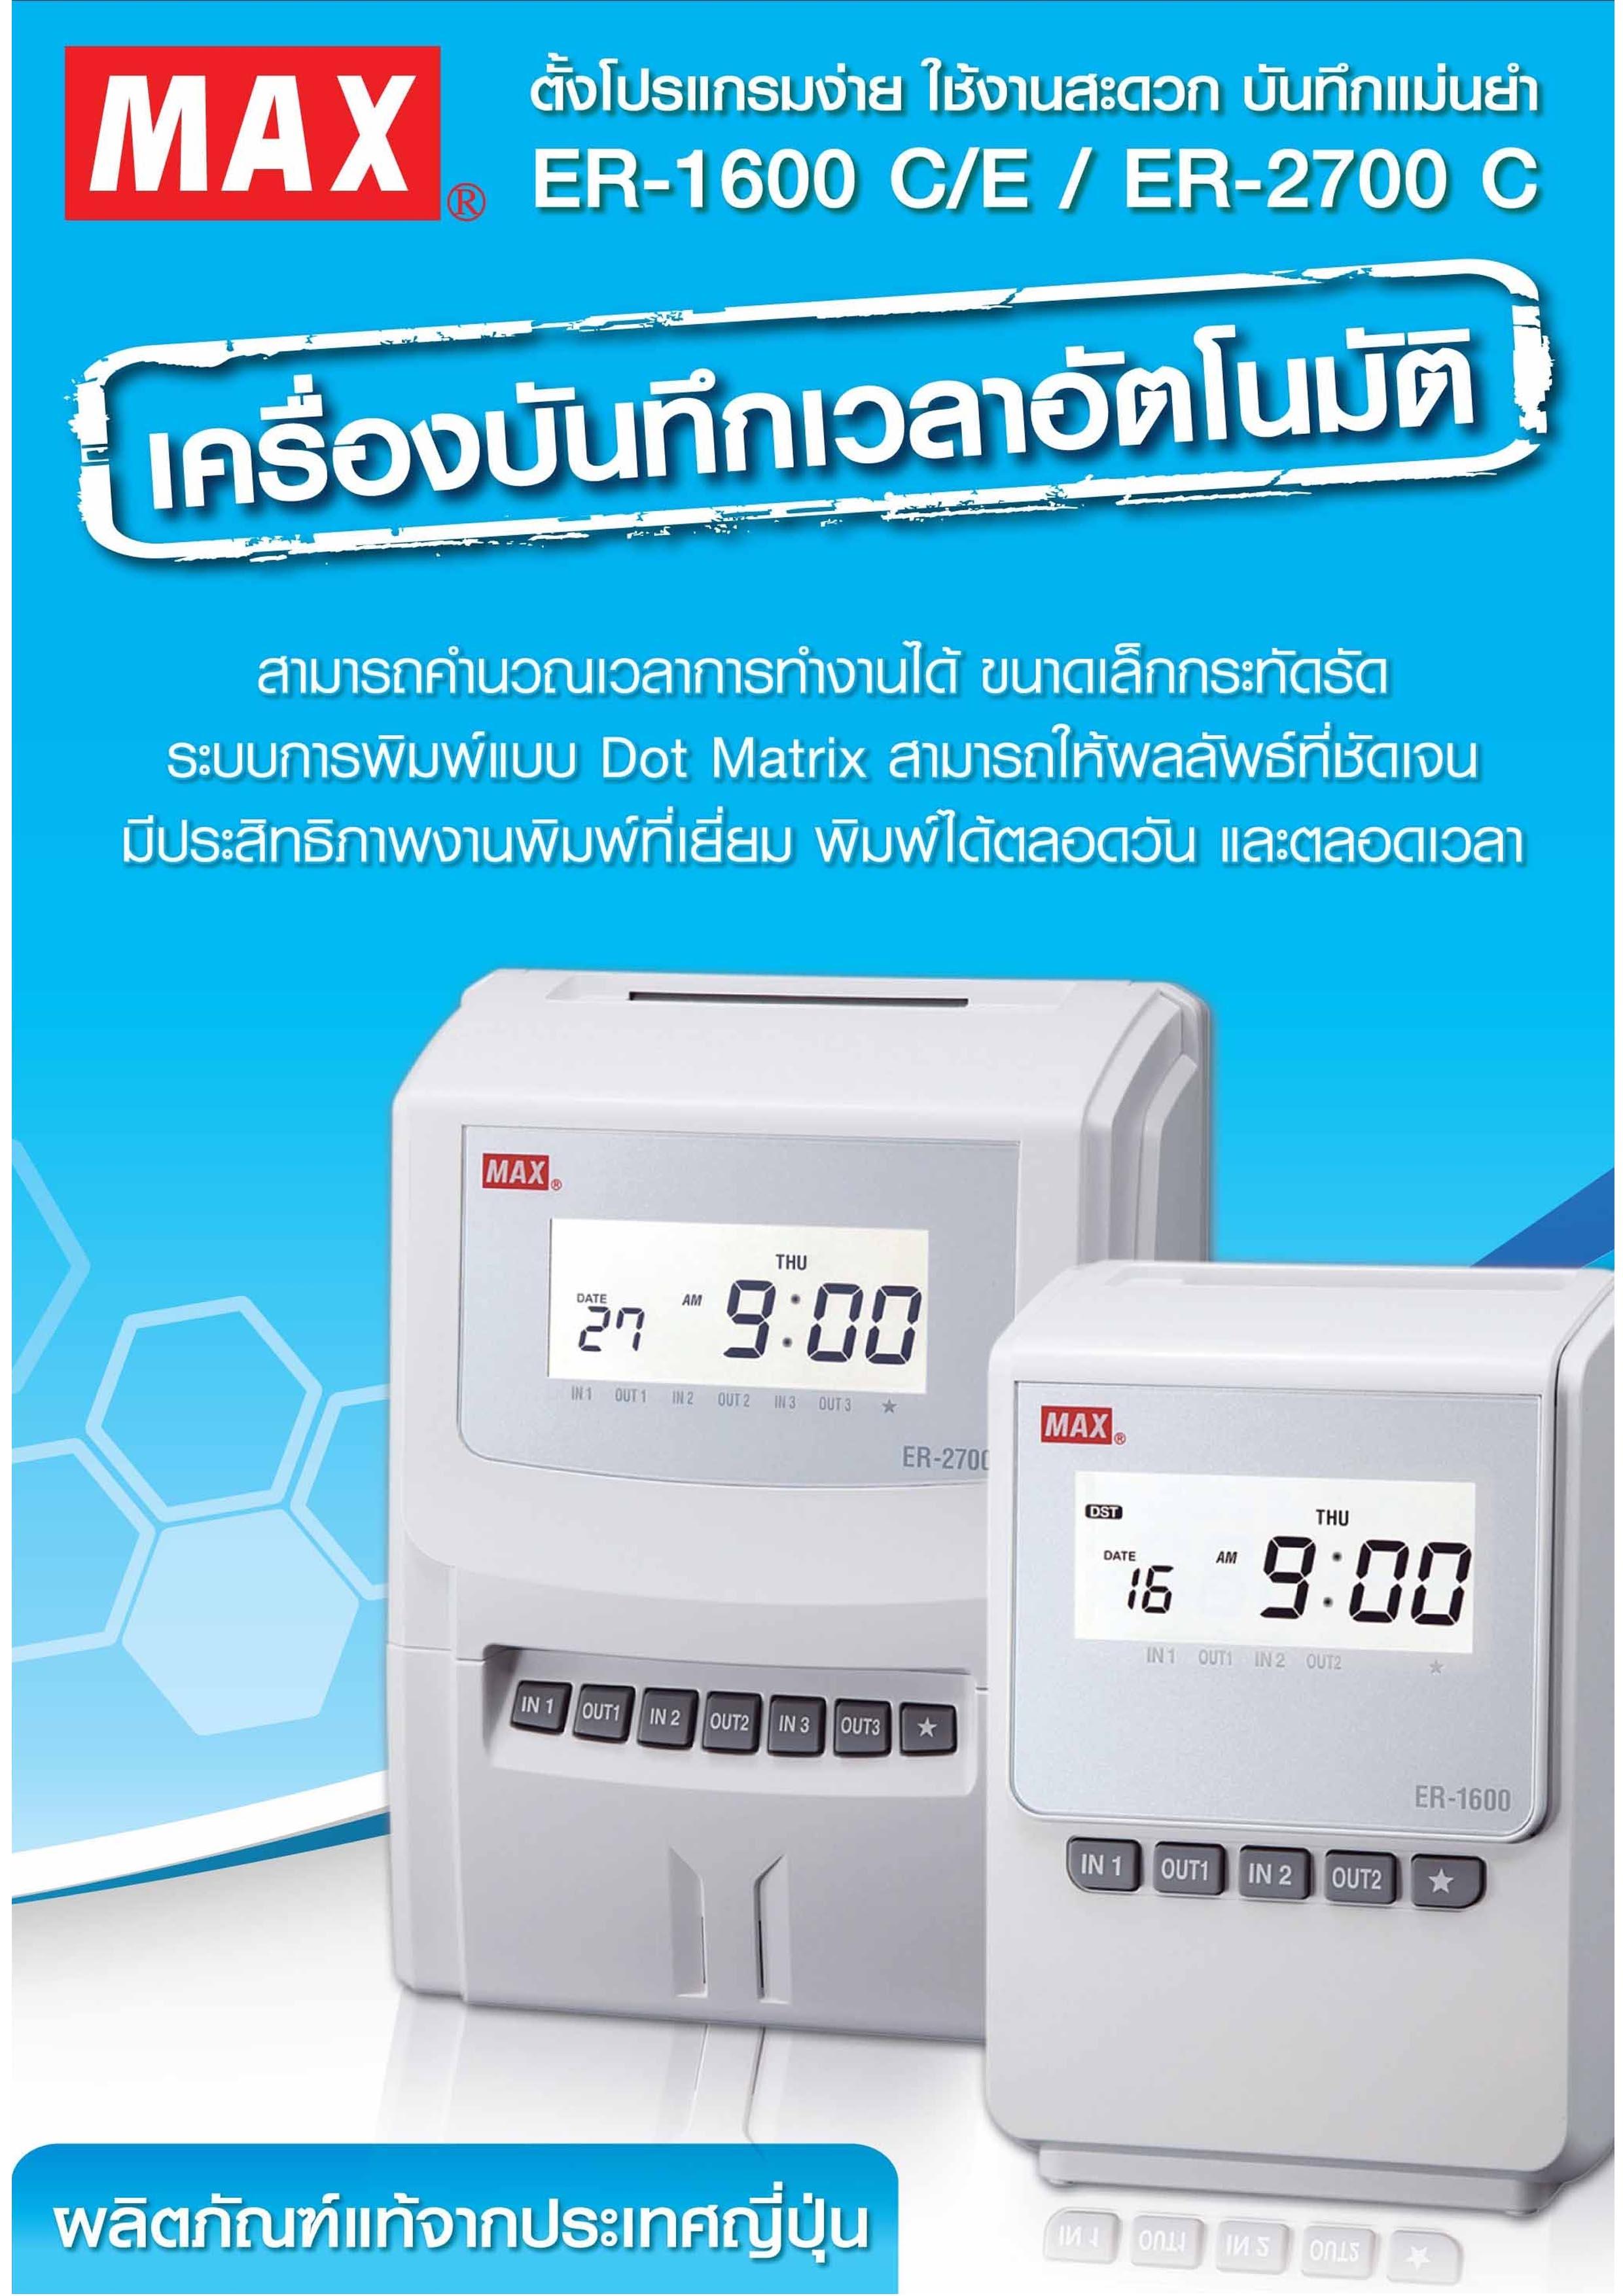 เครื่องตอกบัตร, นาฬิกาตอกบัตร, MAX, ER 1600, โอลิมเปีย, OLYMPIA, เครื่องตอกบัตร MAX รุ่น ER 1600